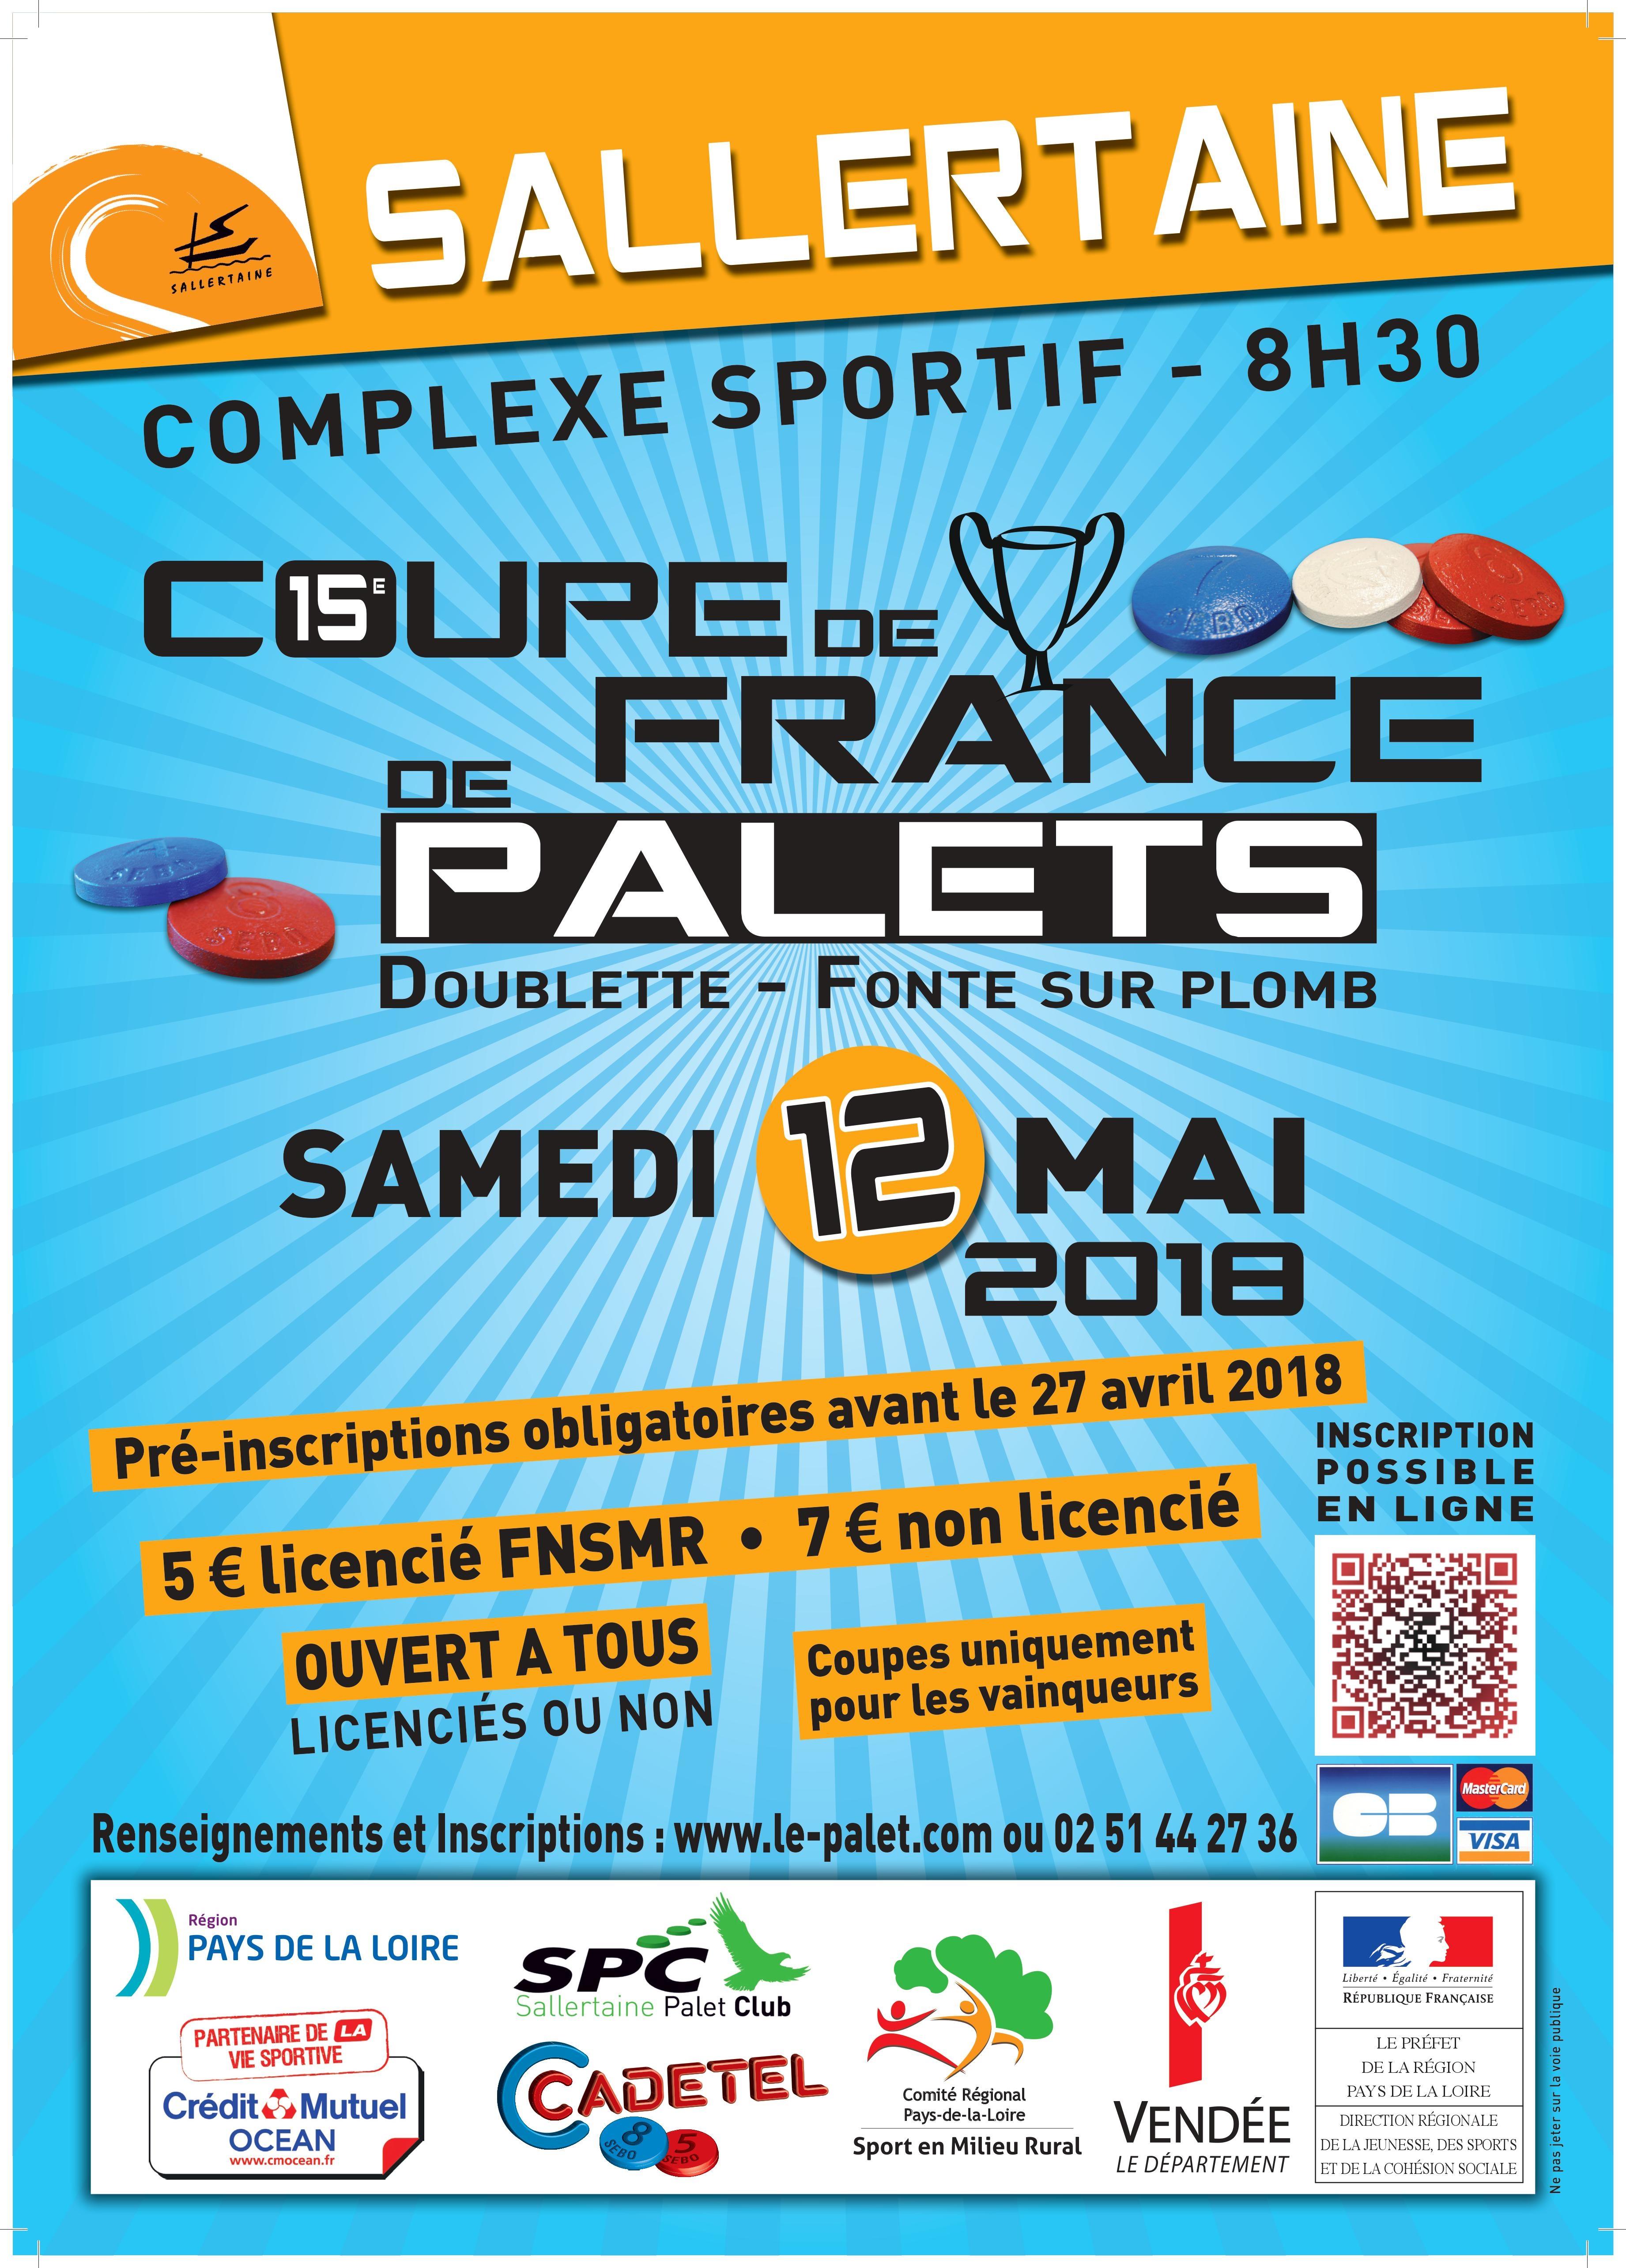 Coupe de france fonte 2018 le palet - Www le palet com competitions coupes bulletins d inscriptions ...